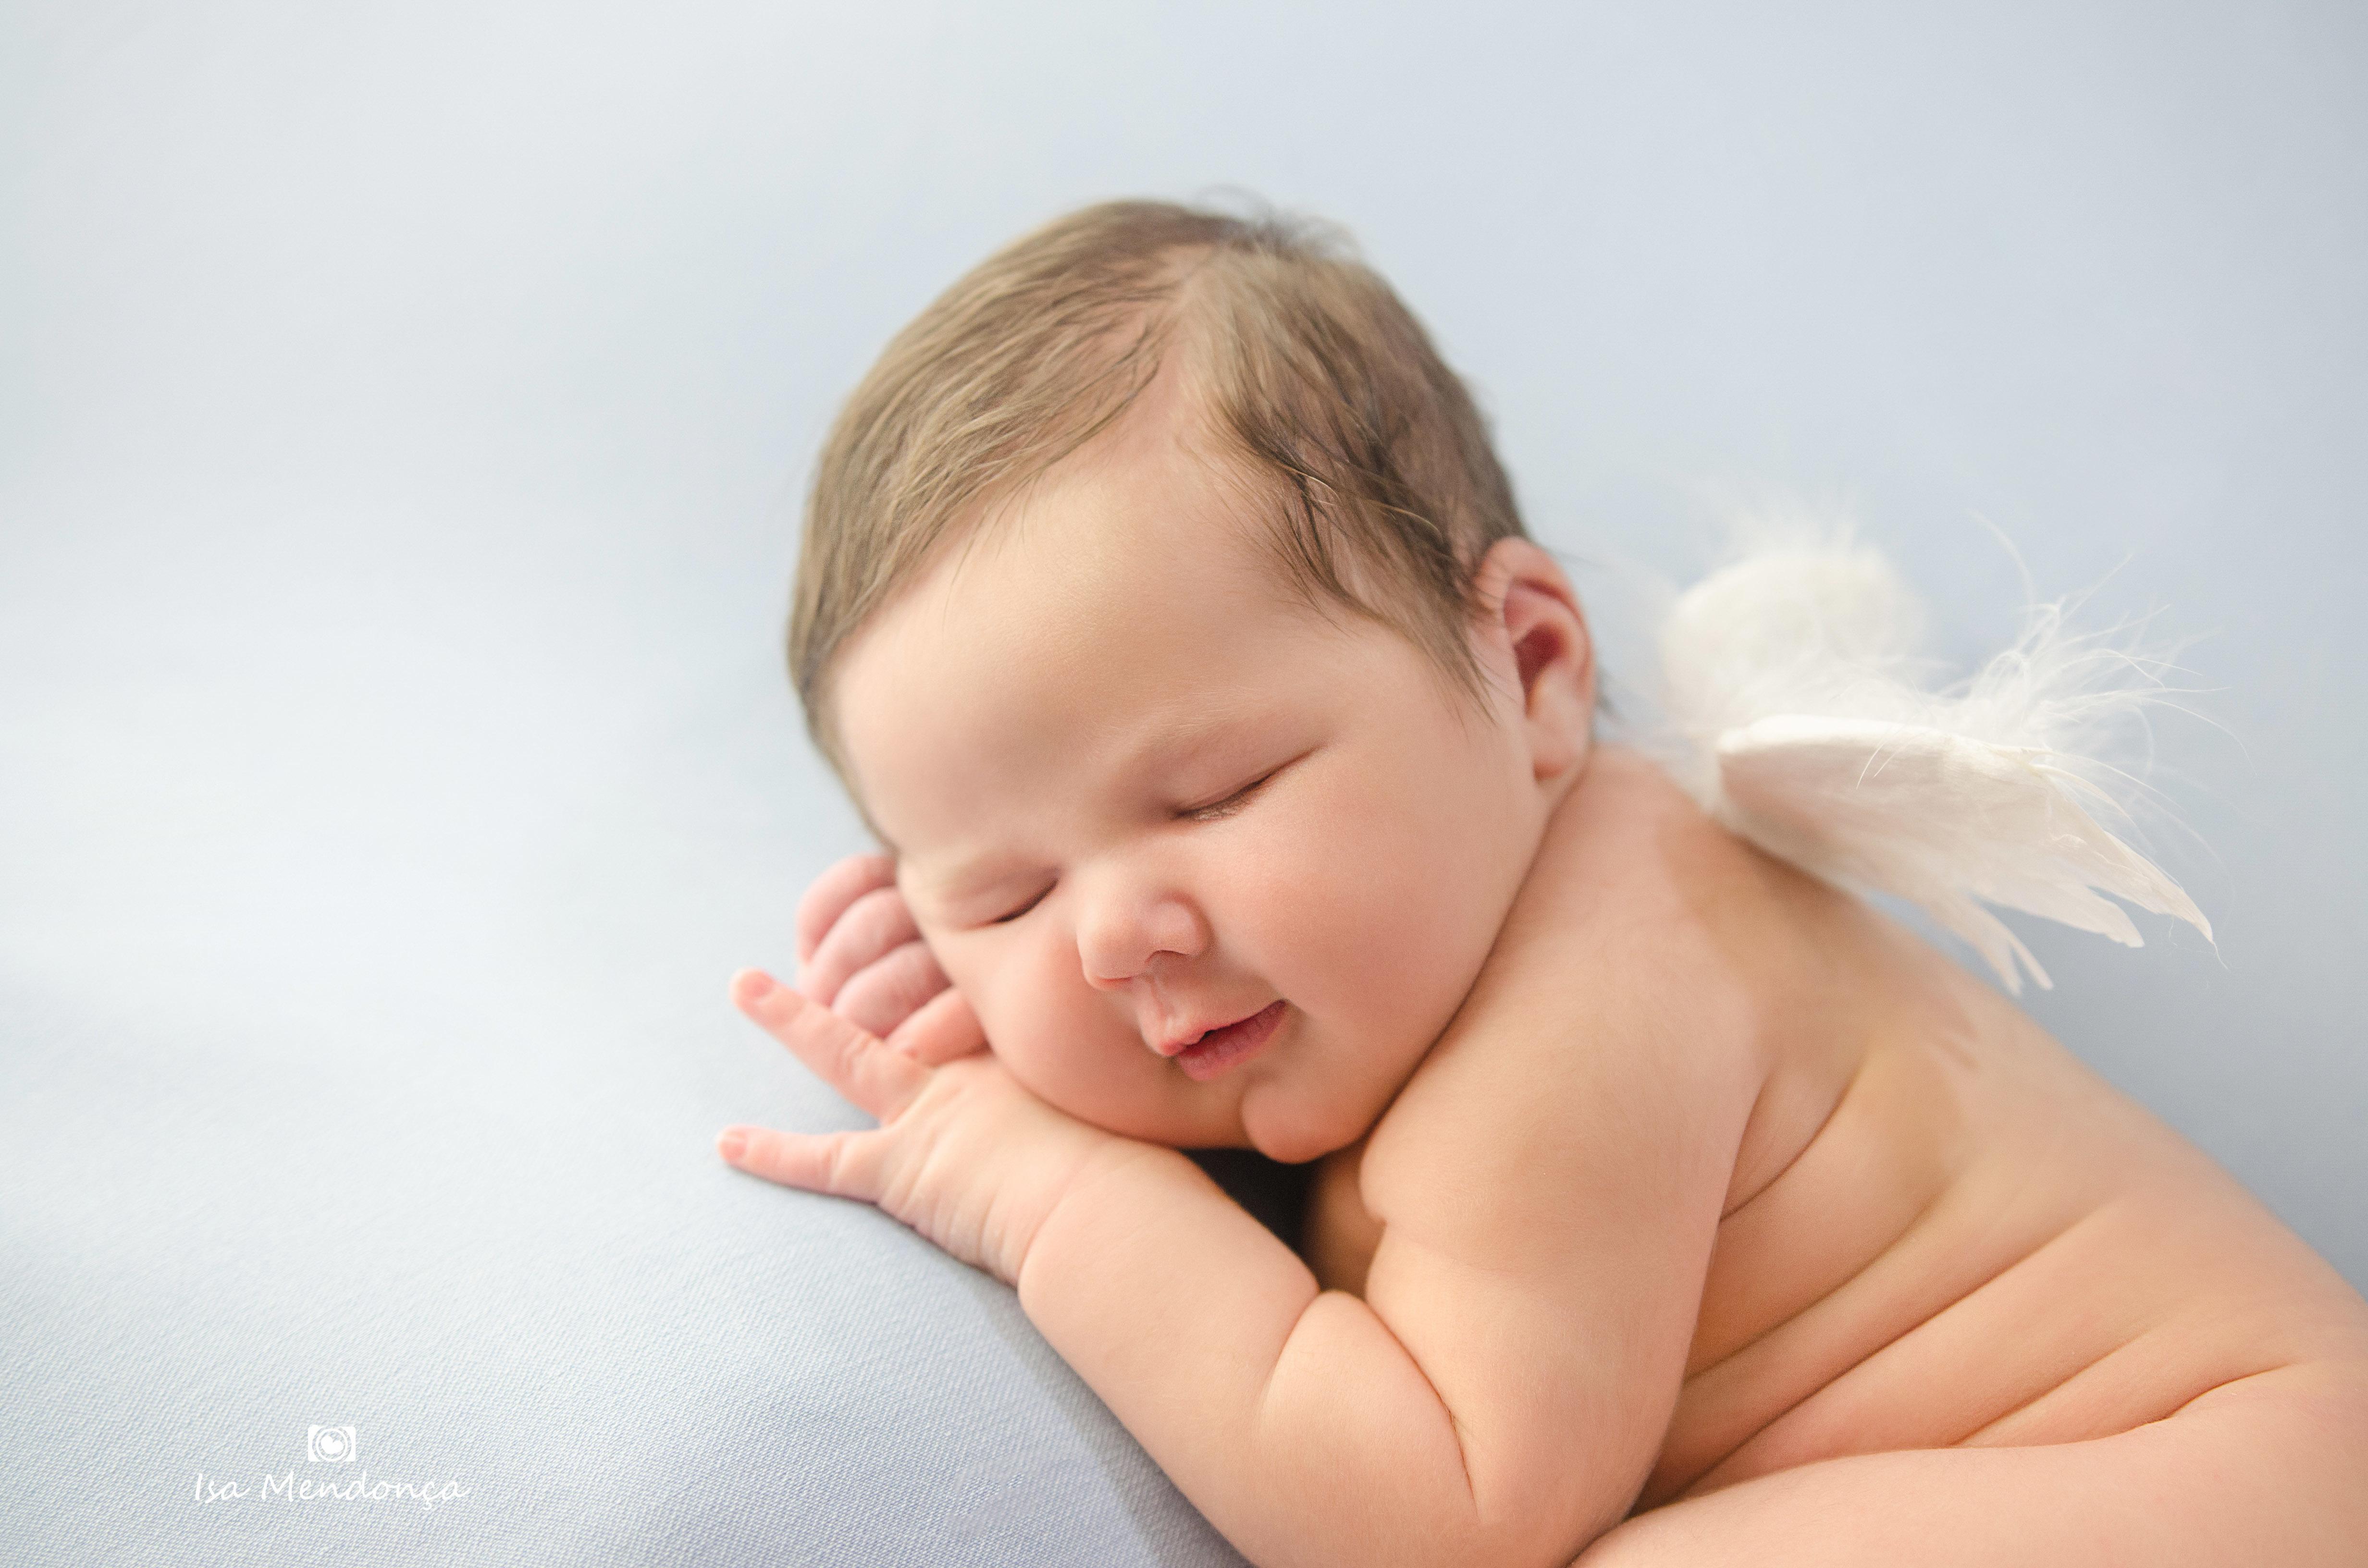 Contate Isa Mendonça Fotografia, especializada em fotografia newborn, partos, acompanhamentos, gestante Rio Branco - Acre / Maria Isabella Mendonça